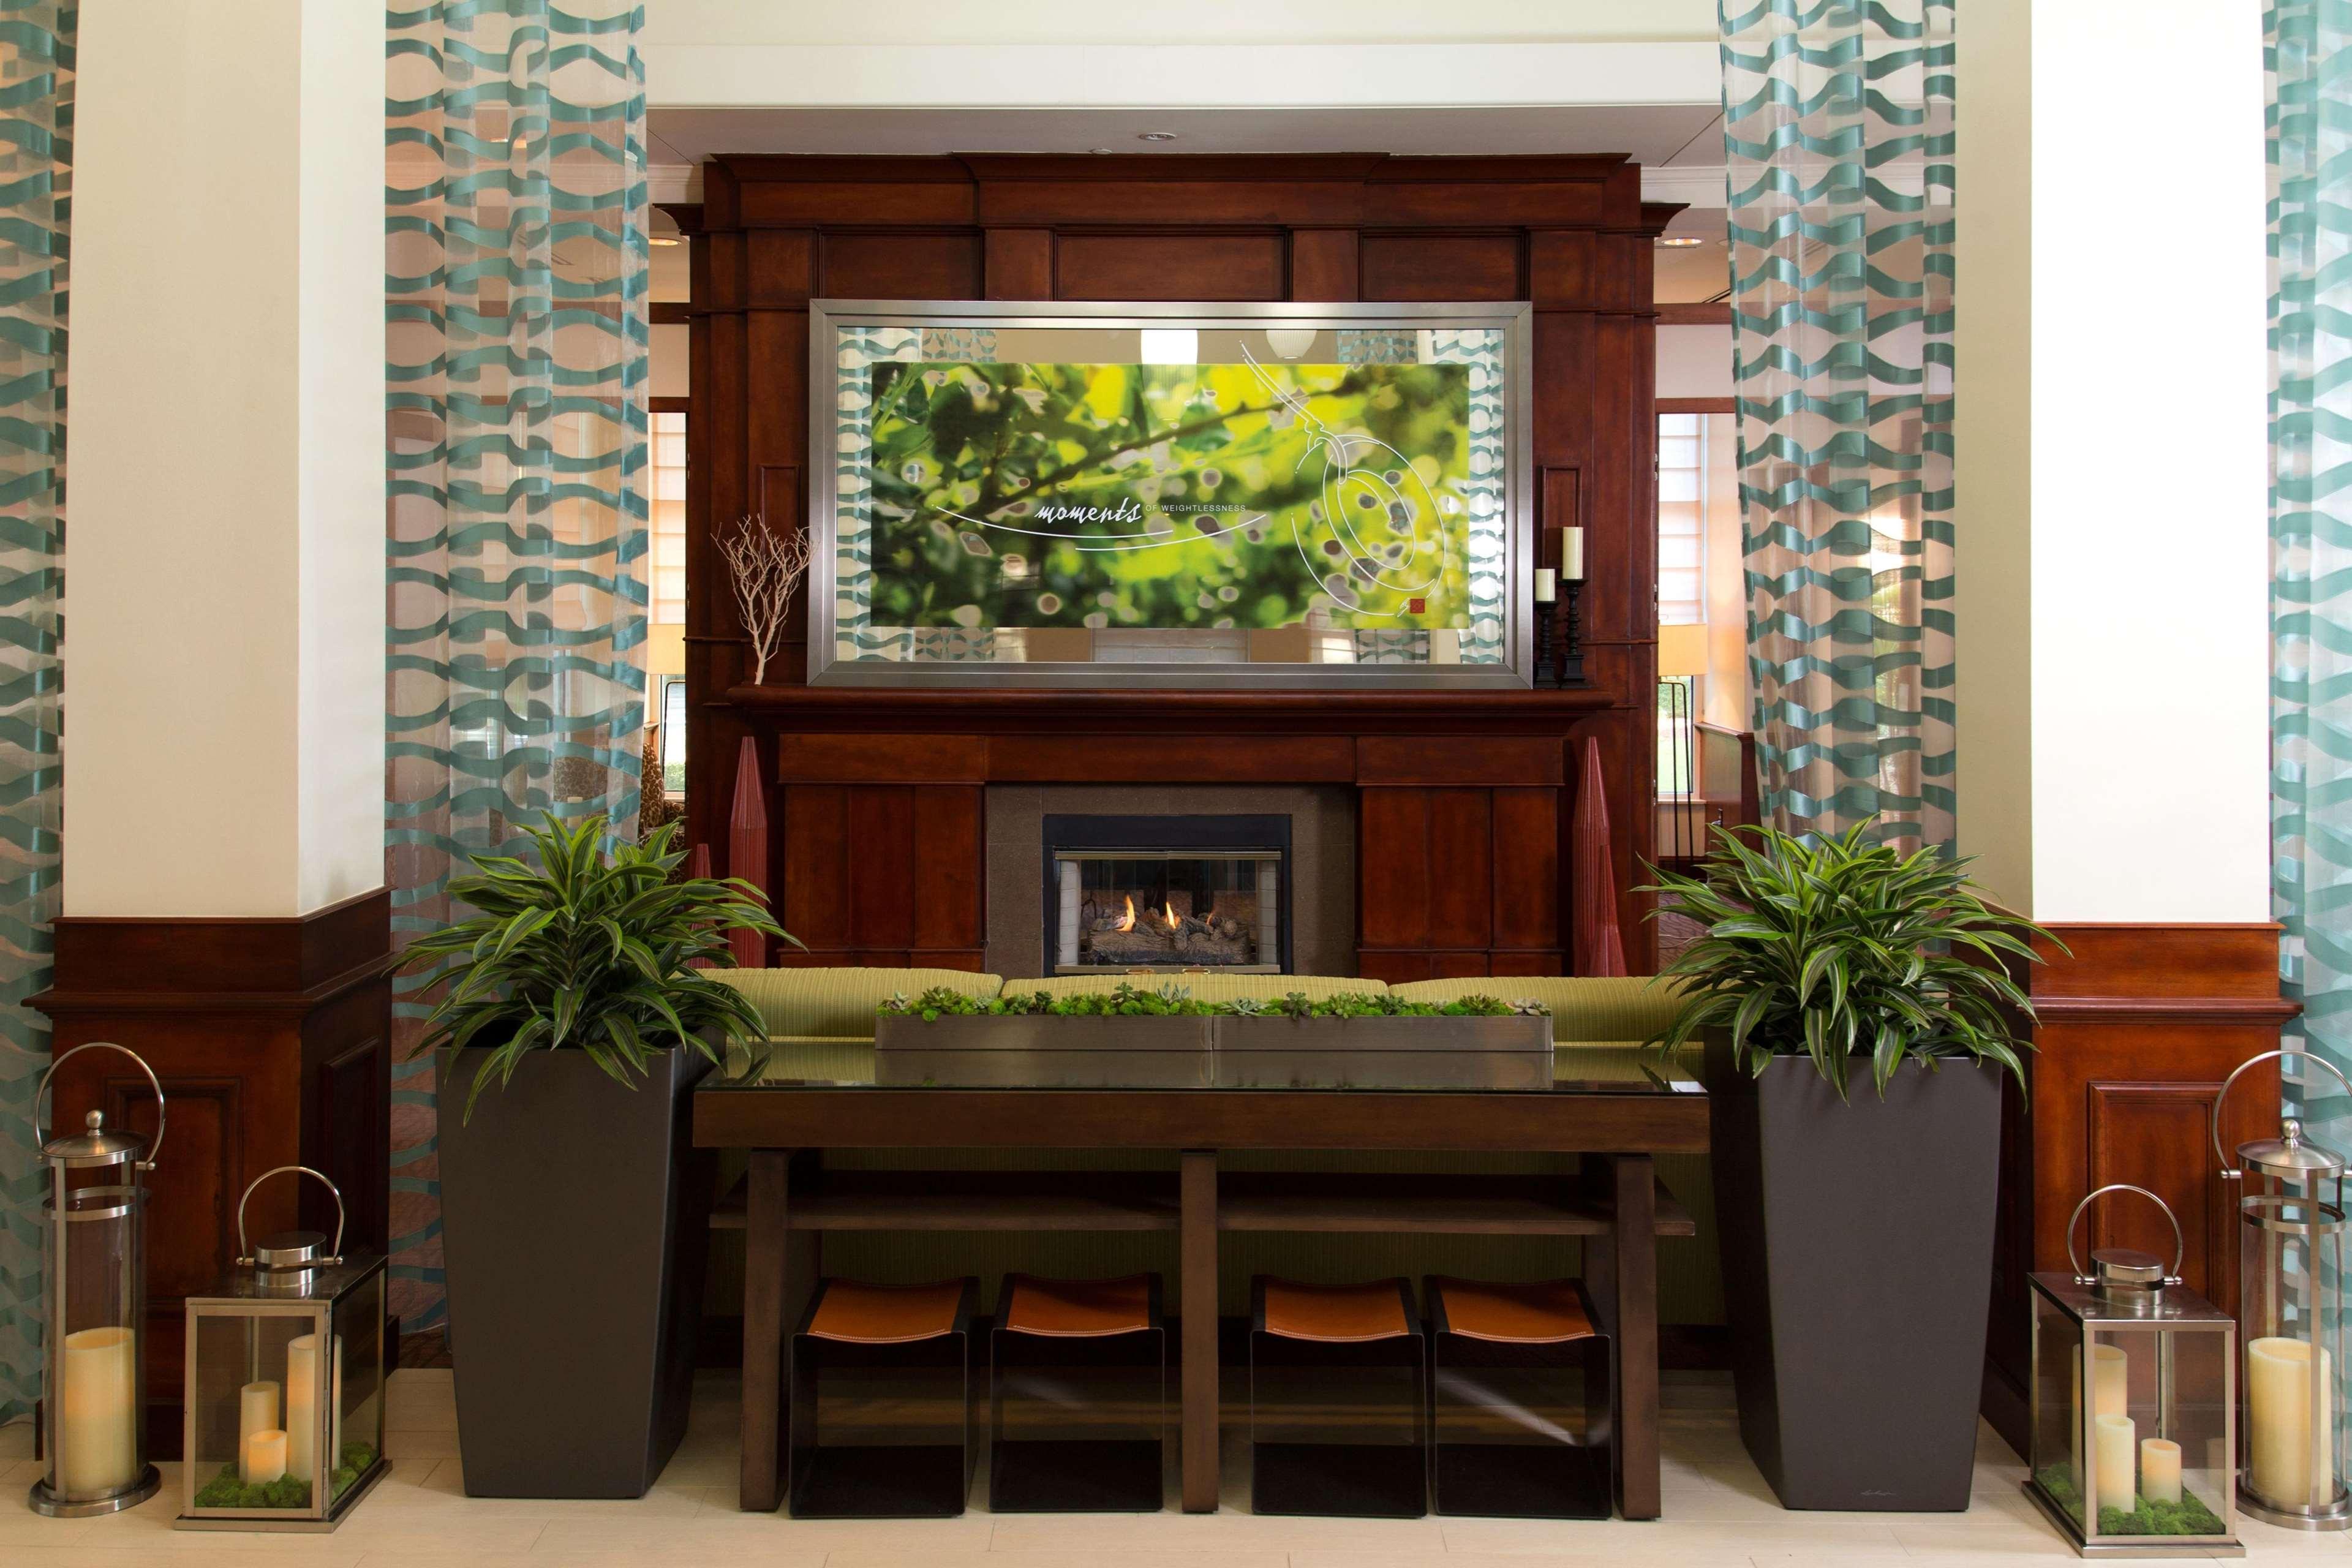 Luxury Hilton Garden Inn Oldsmar Adornment - Brown Nature Garden ...